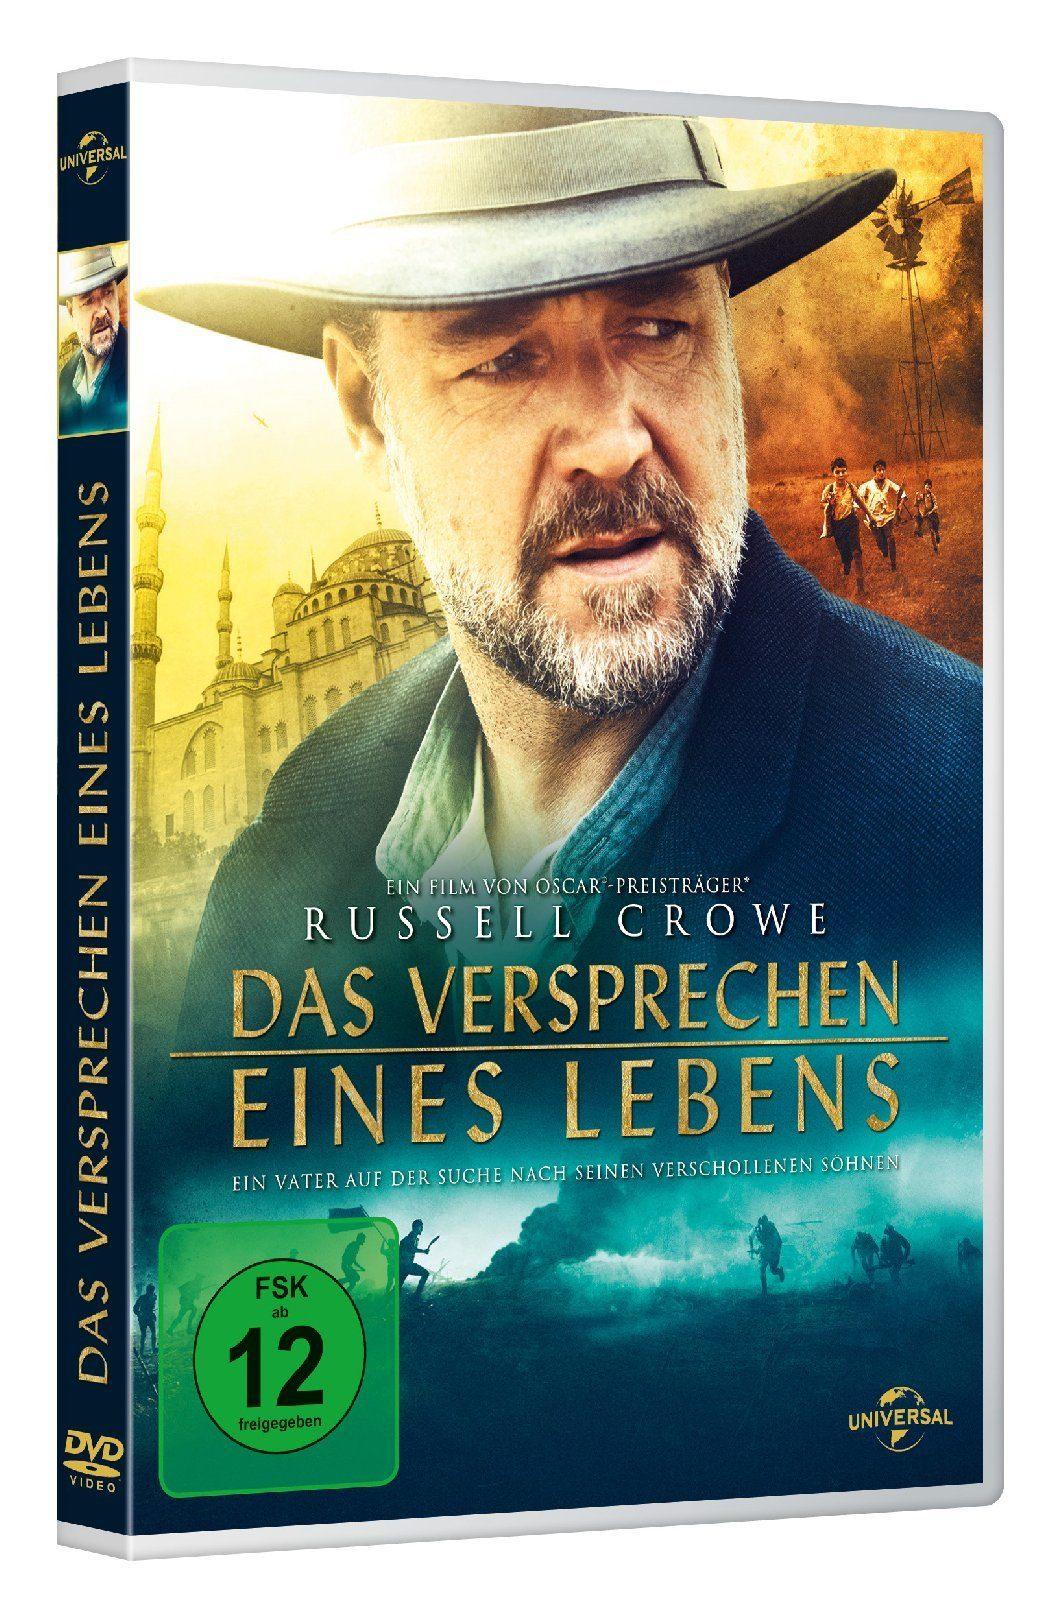 Universal Das Versprechen eines Lebens »DVD«